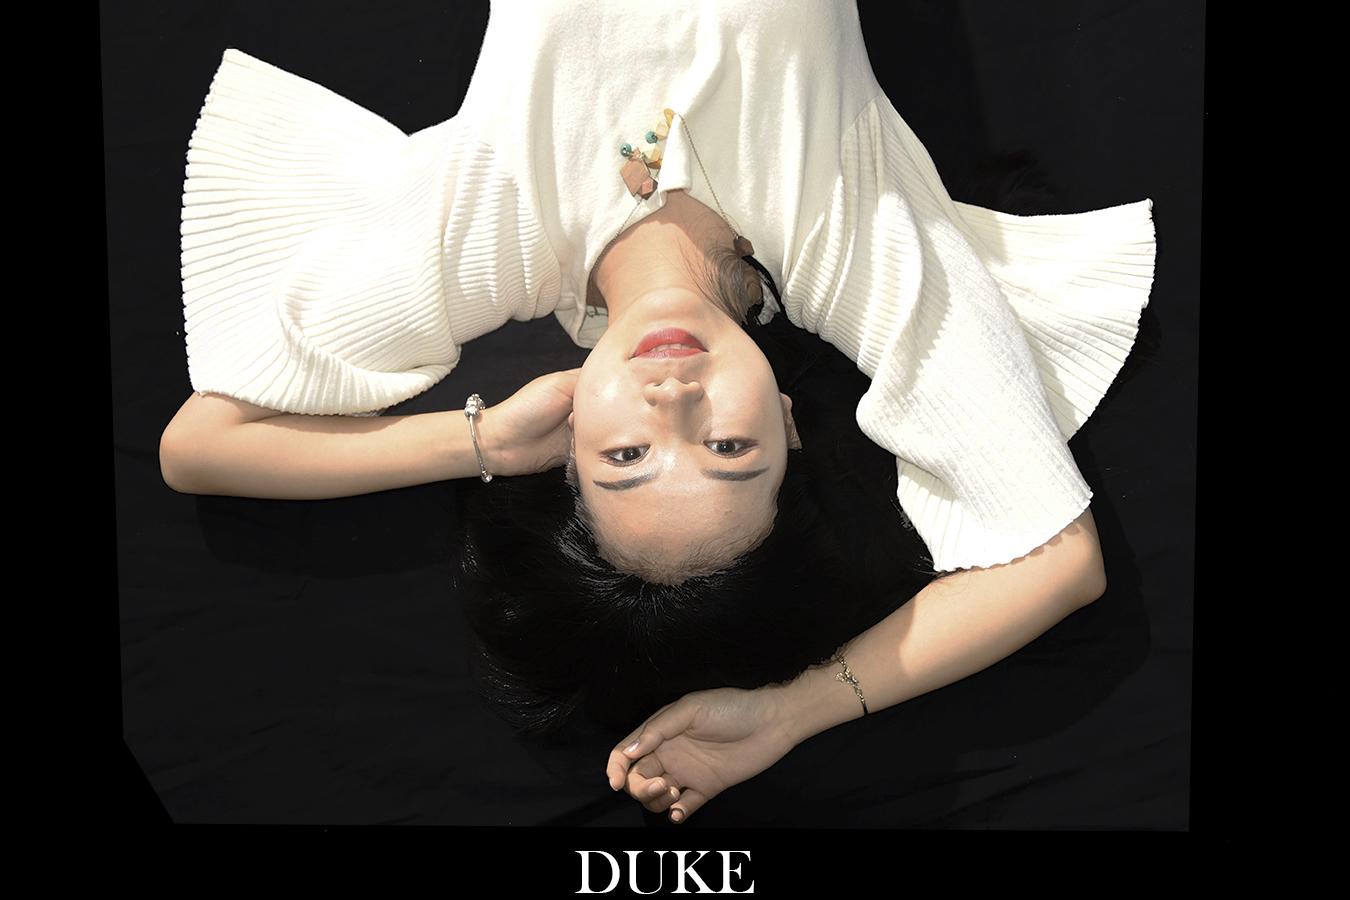 Xiaonan_Chen_fashion_photography_branding_bell_sleeves_DUKE 6